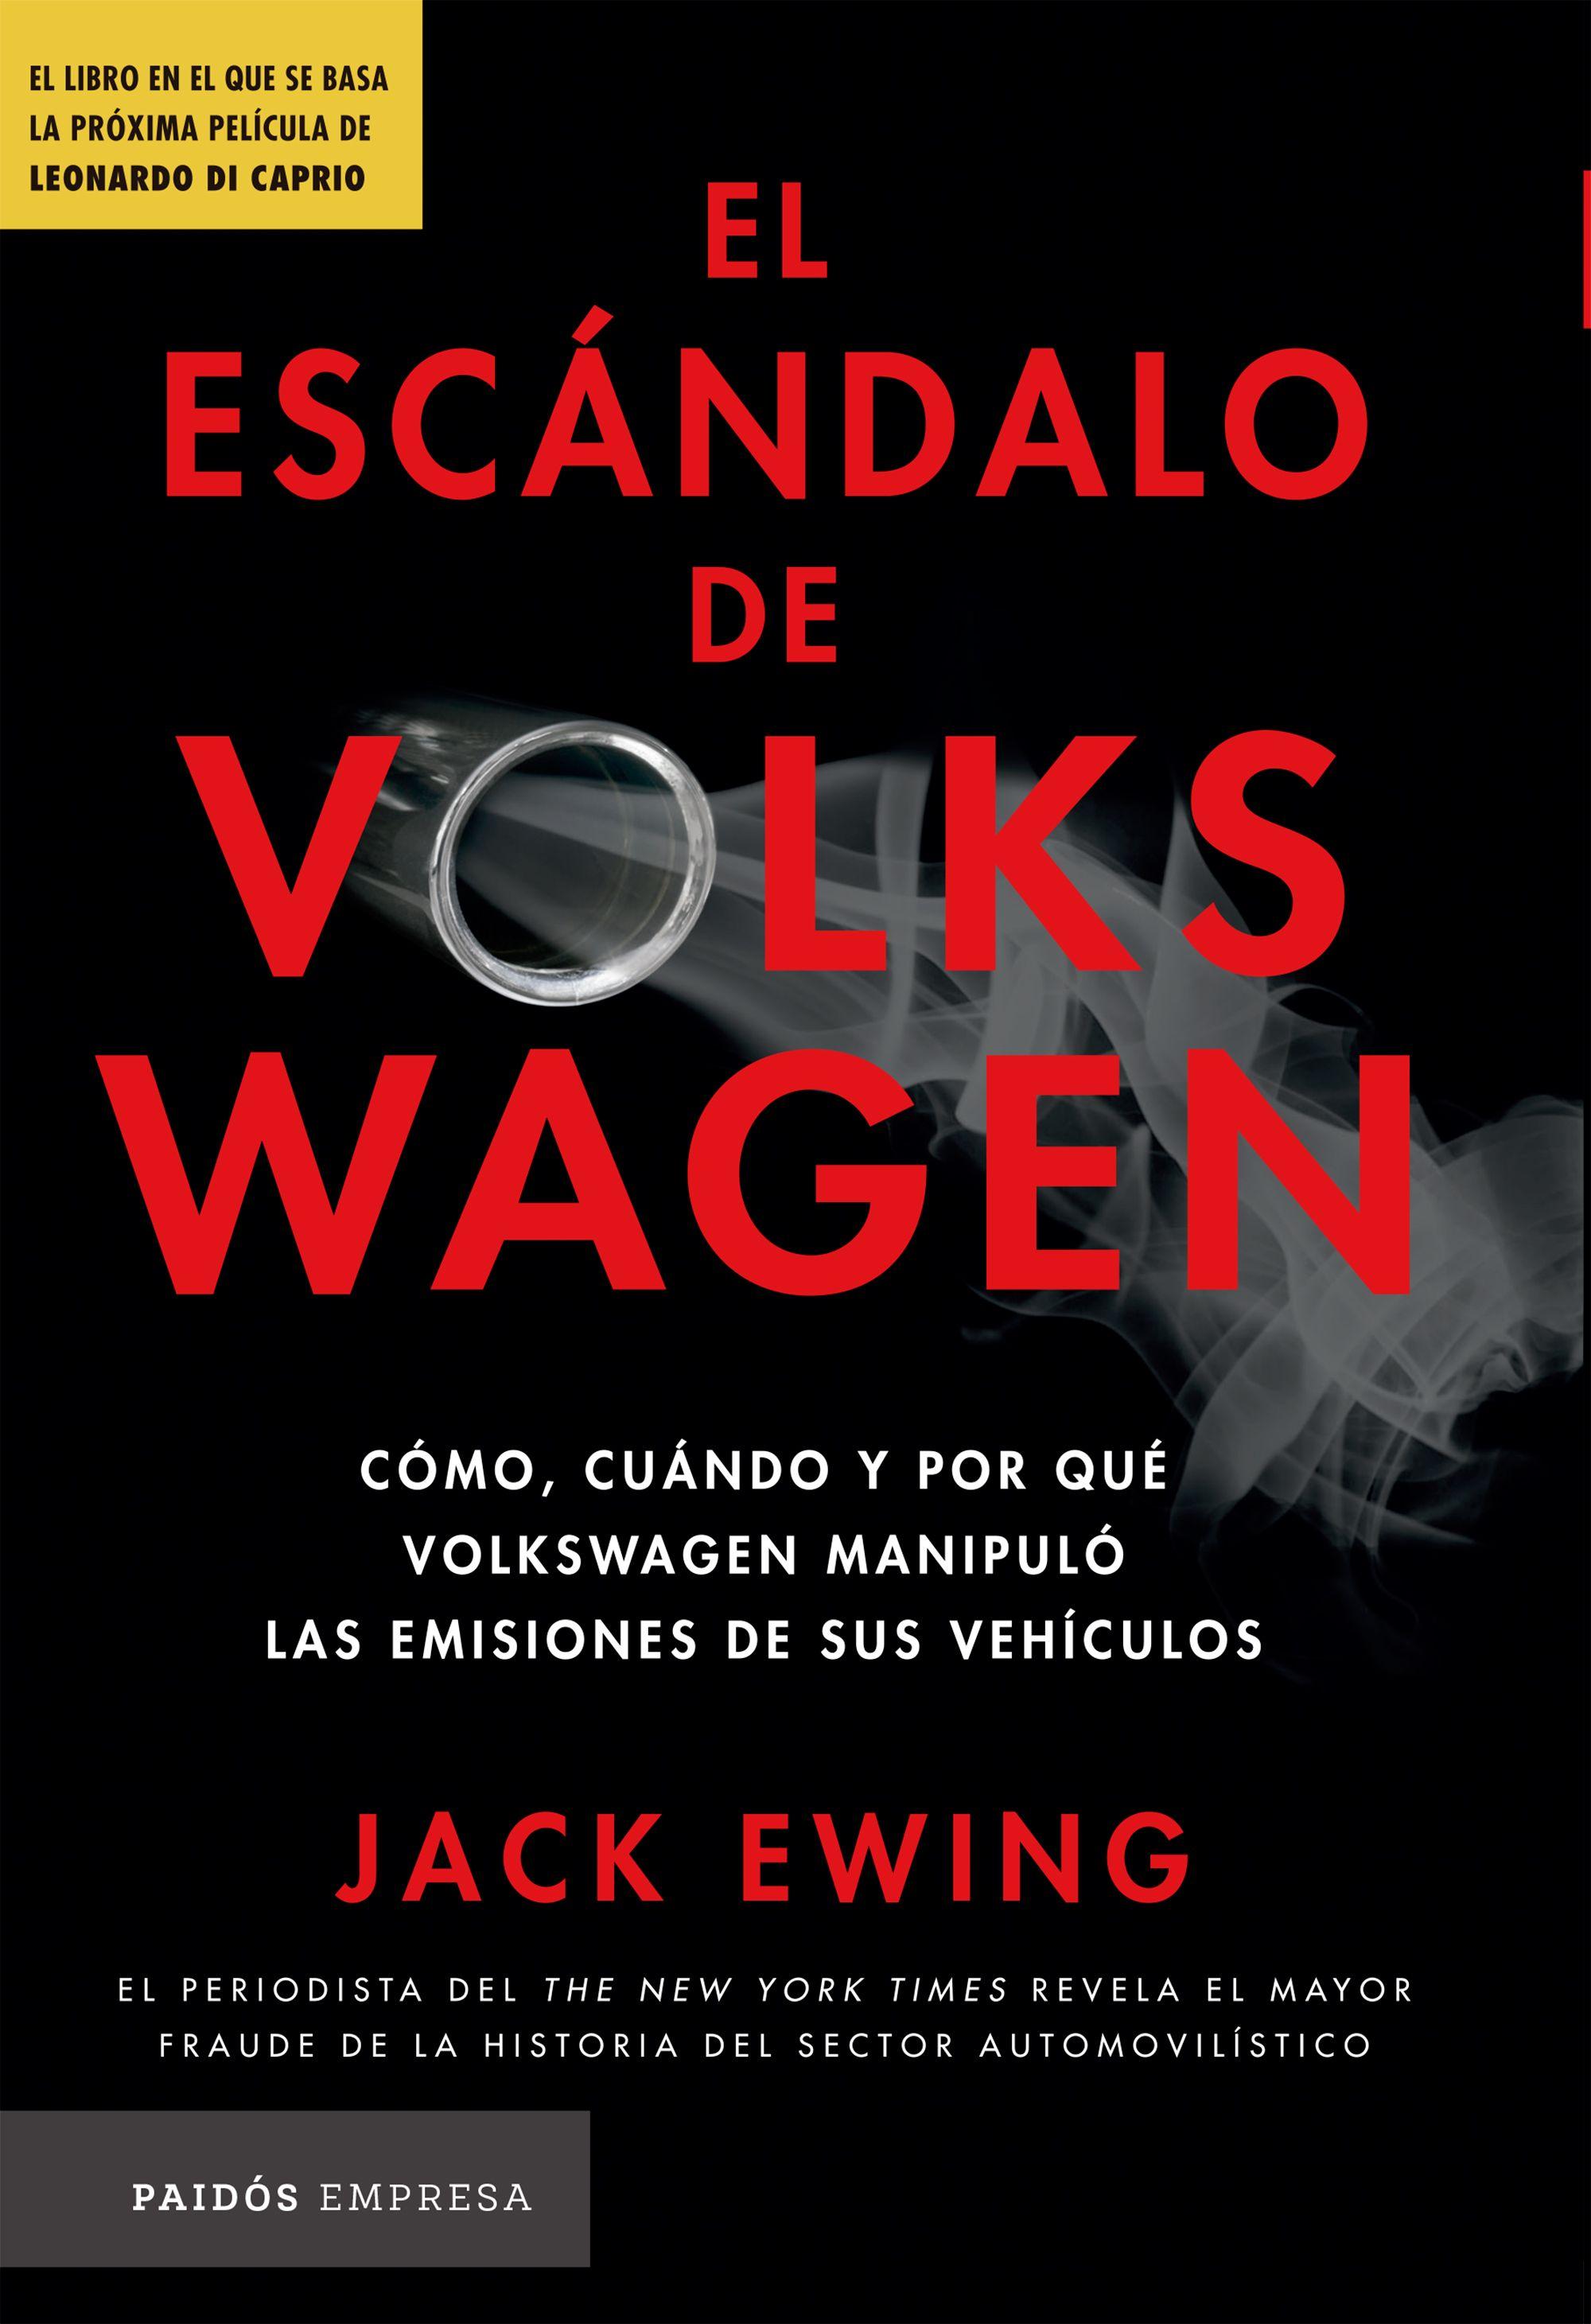 El Escándalo de Volkswagen - Jack Ewing - Paidos Empresas Colombia